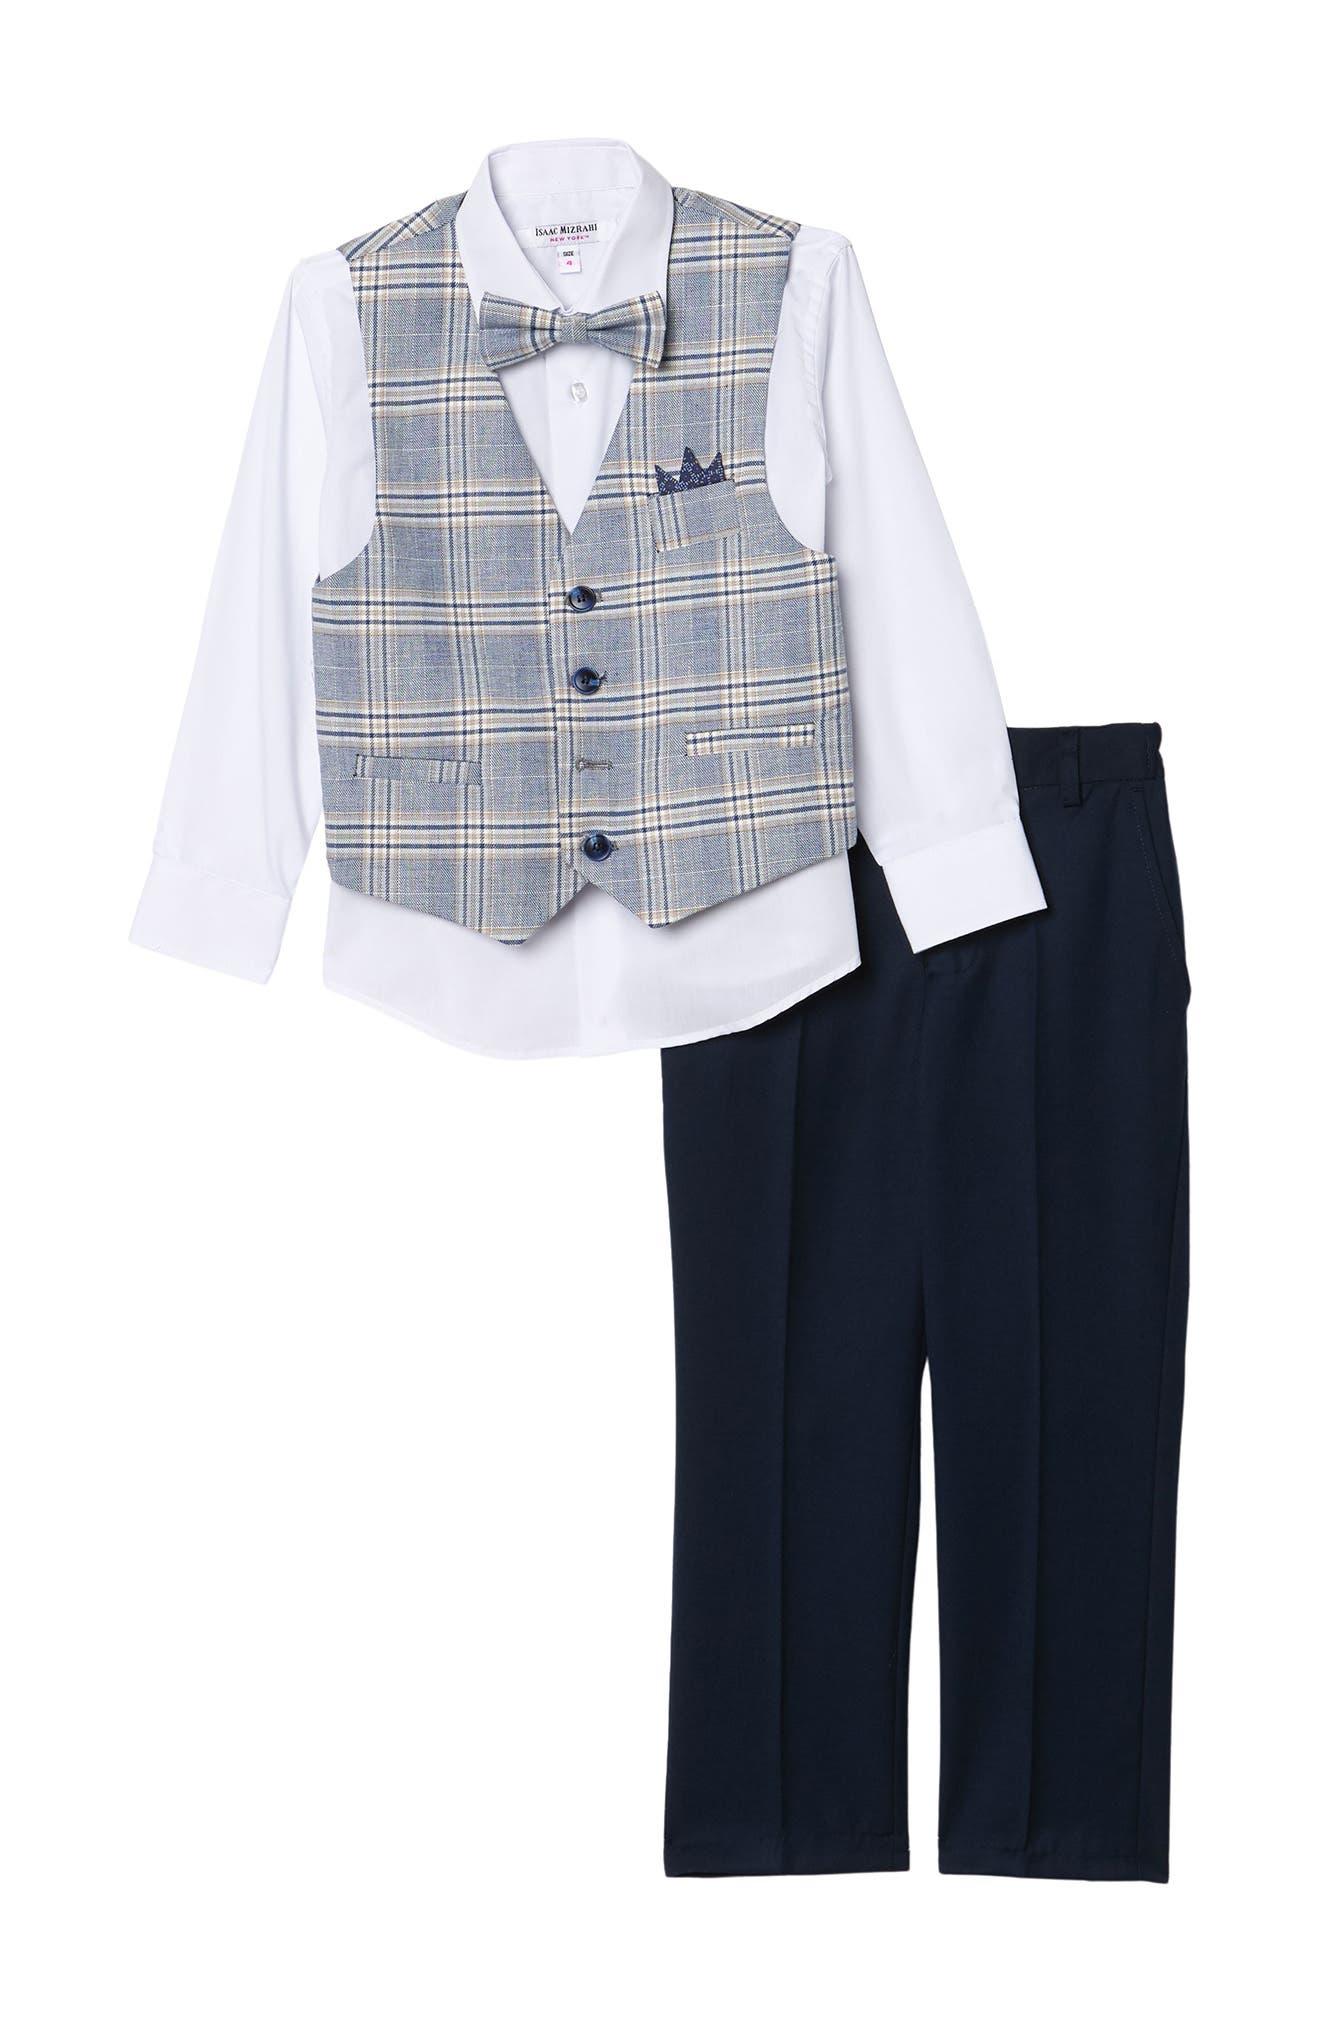 Image of Isaac Mizrahi Check 4-Piece Suit Set